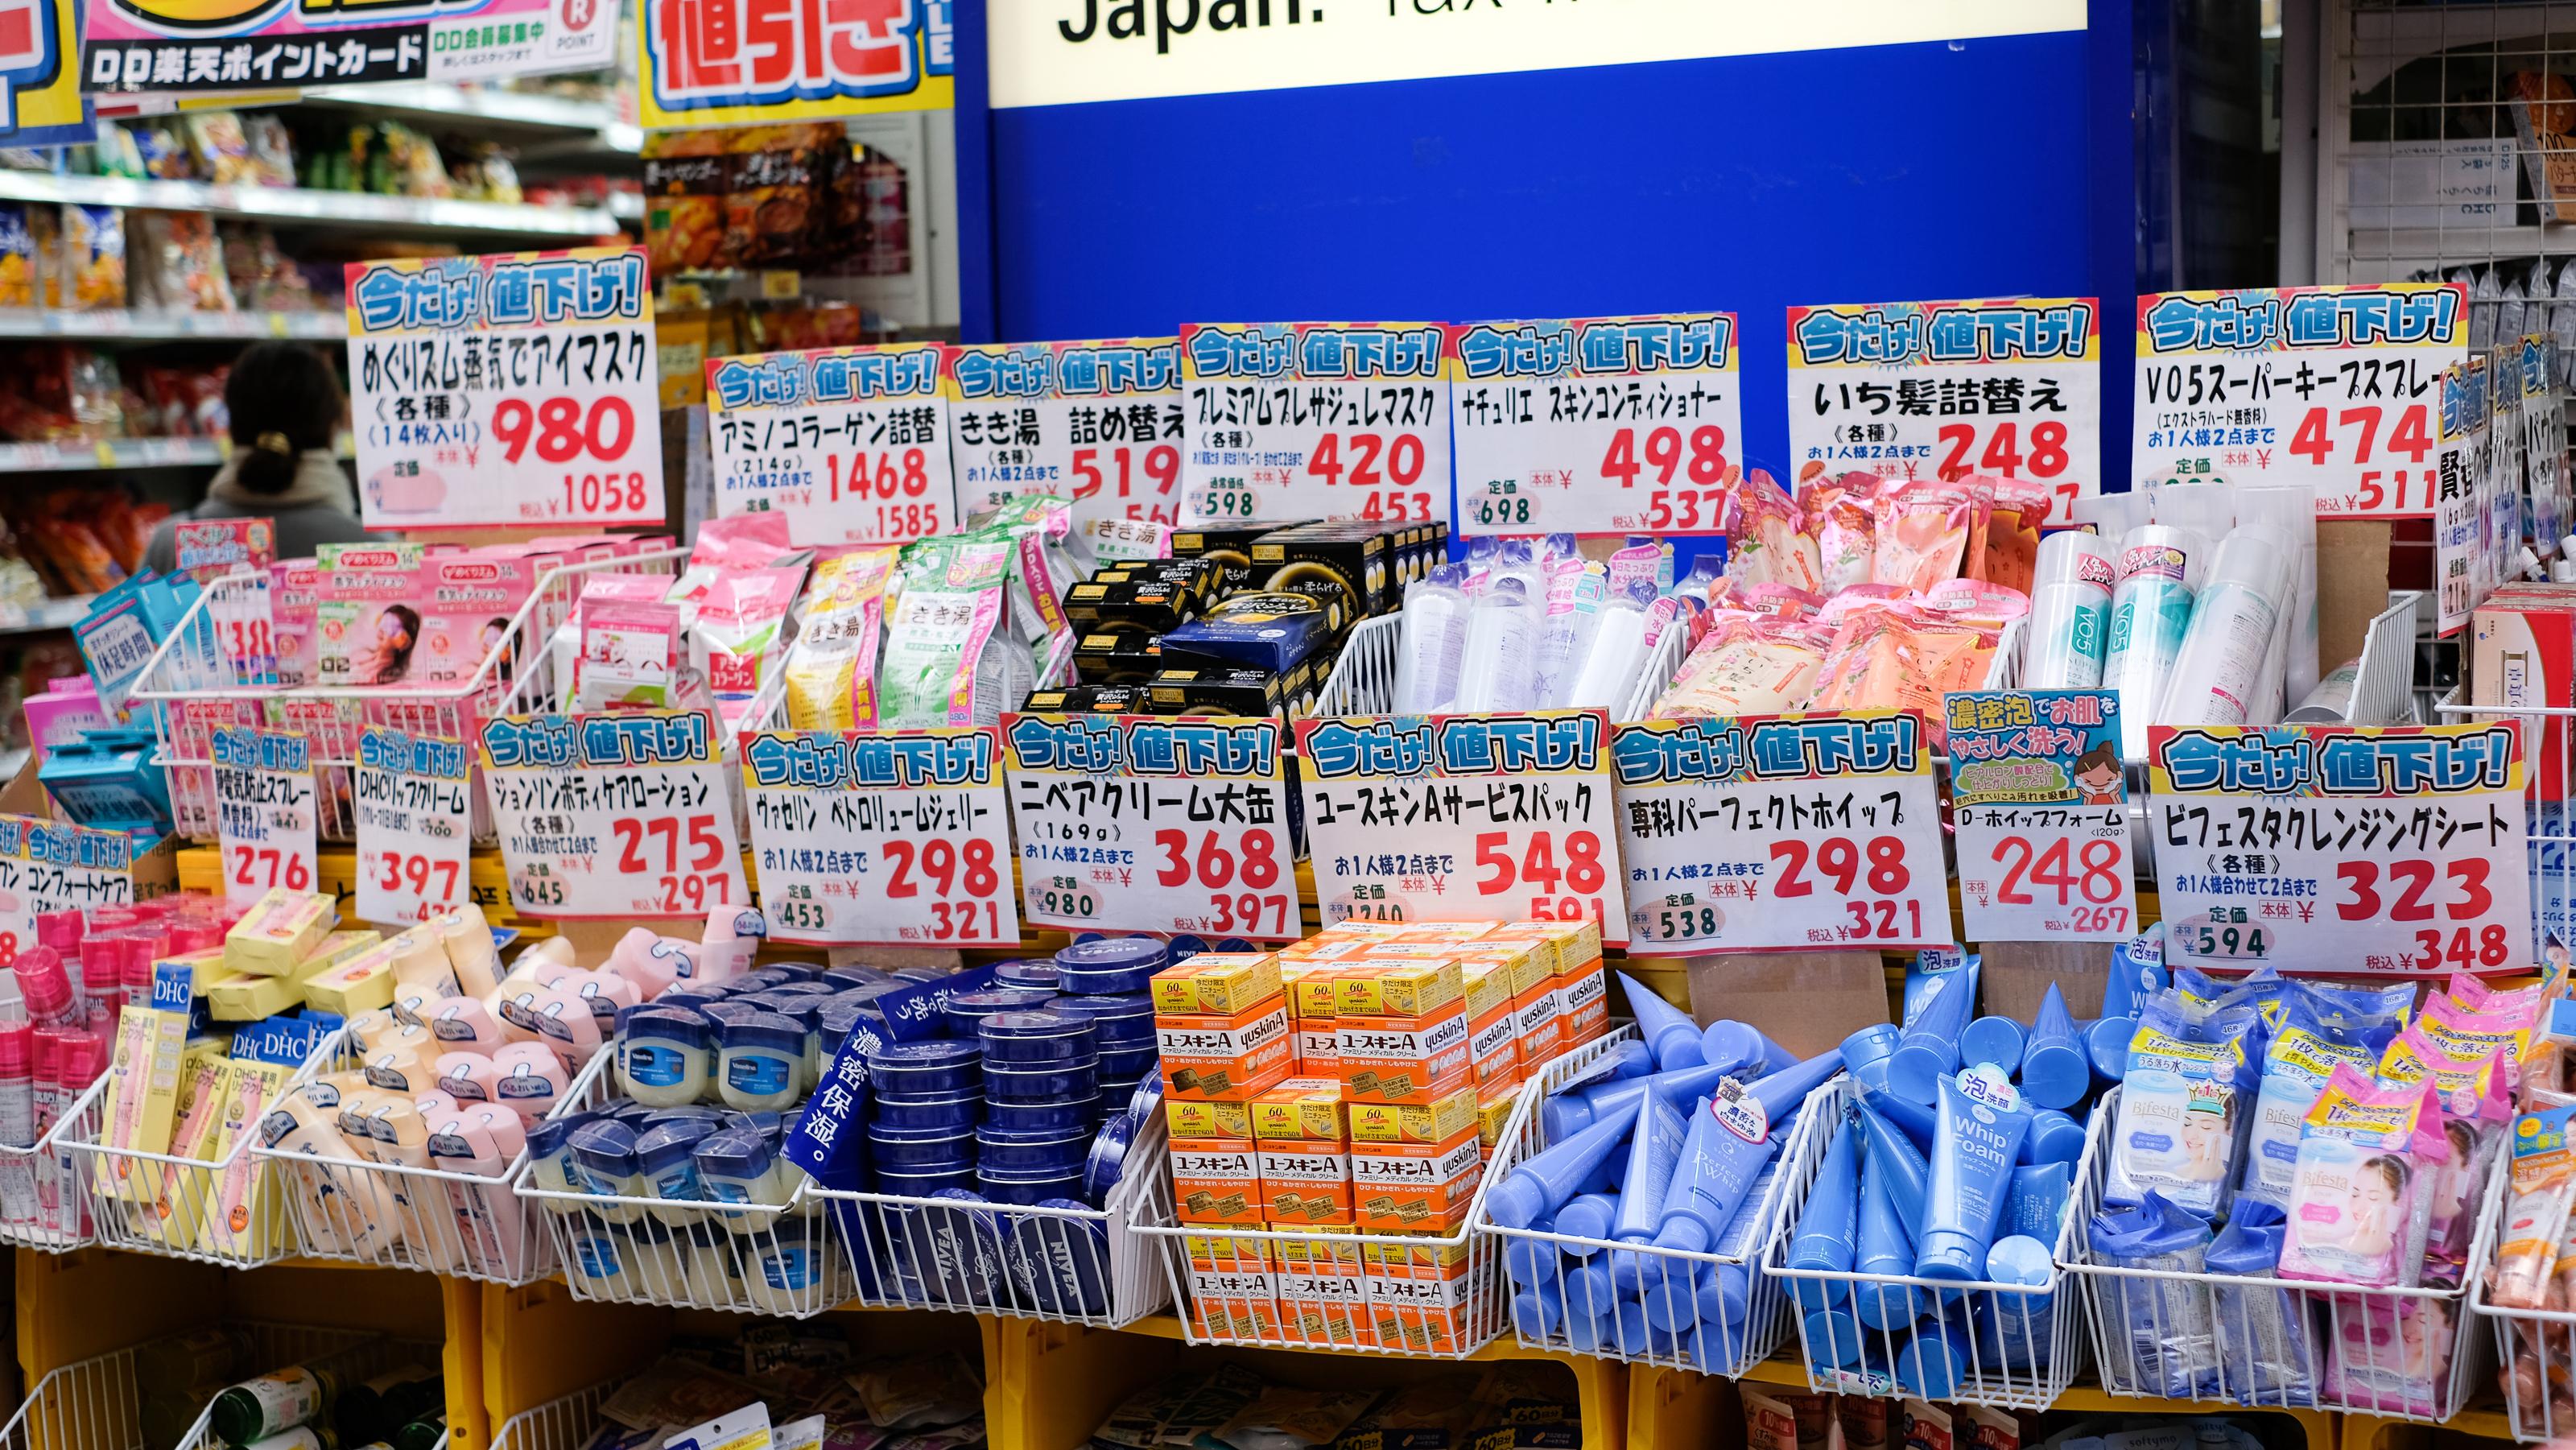 เที่ยวญี่ปุ่น เที่ยวโตเกียว ที่เที่ยวโตเกียว ที่เที่ยวในโตเกียว